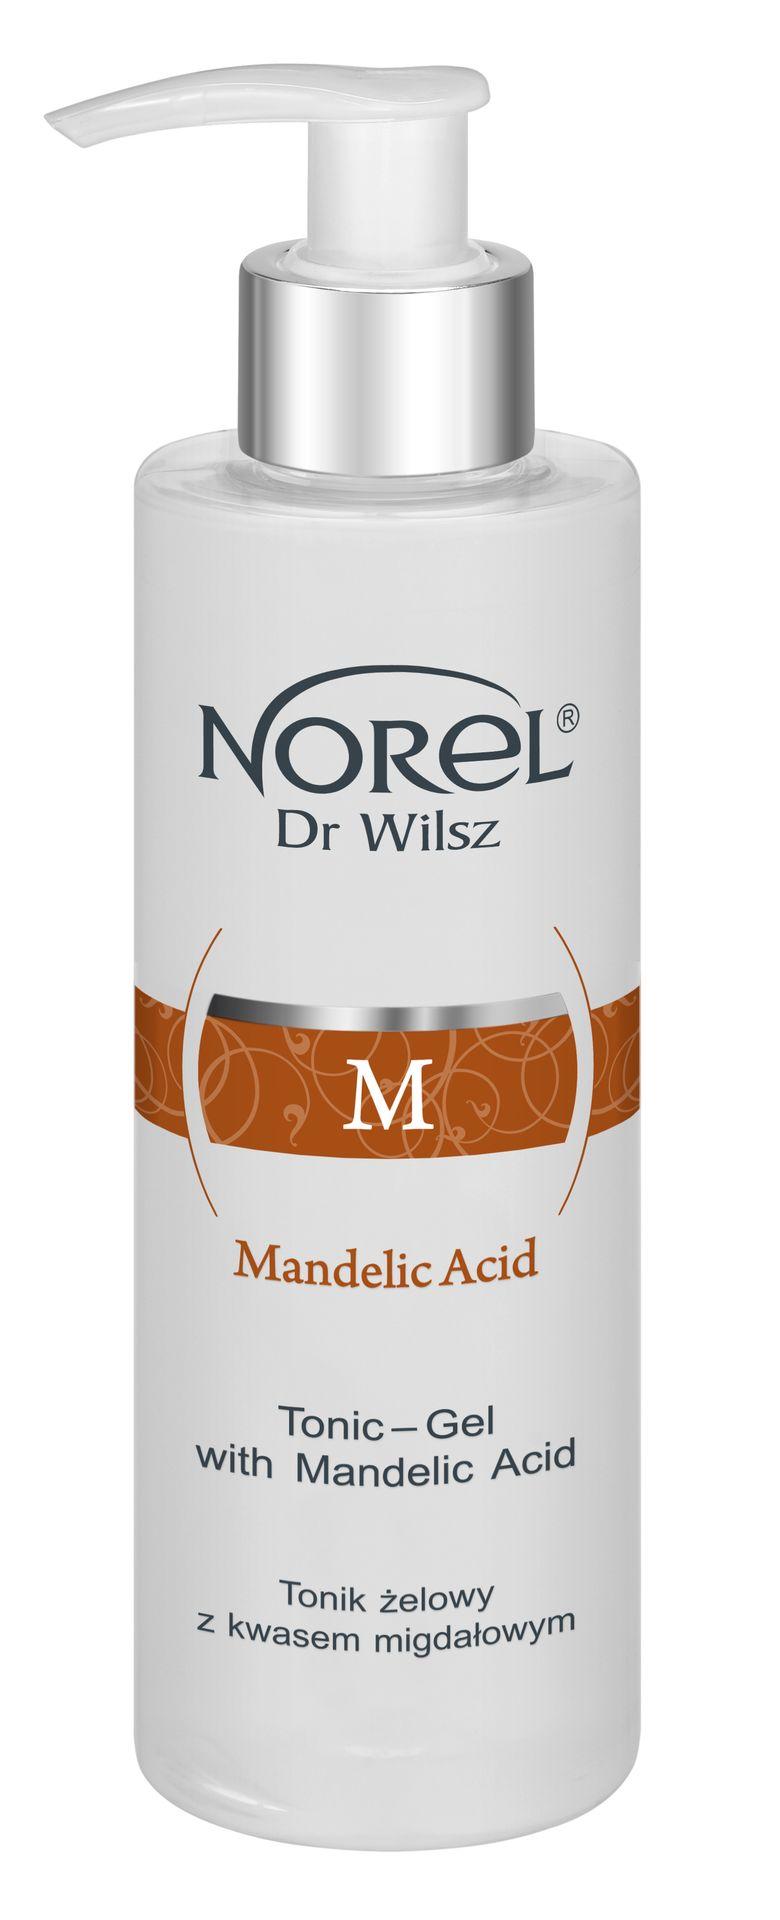 NOREL Dr. Wilsz Тоник-гель с миндальной кислотой для лица / Tonic-gel with mandelic acid 200 мл